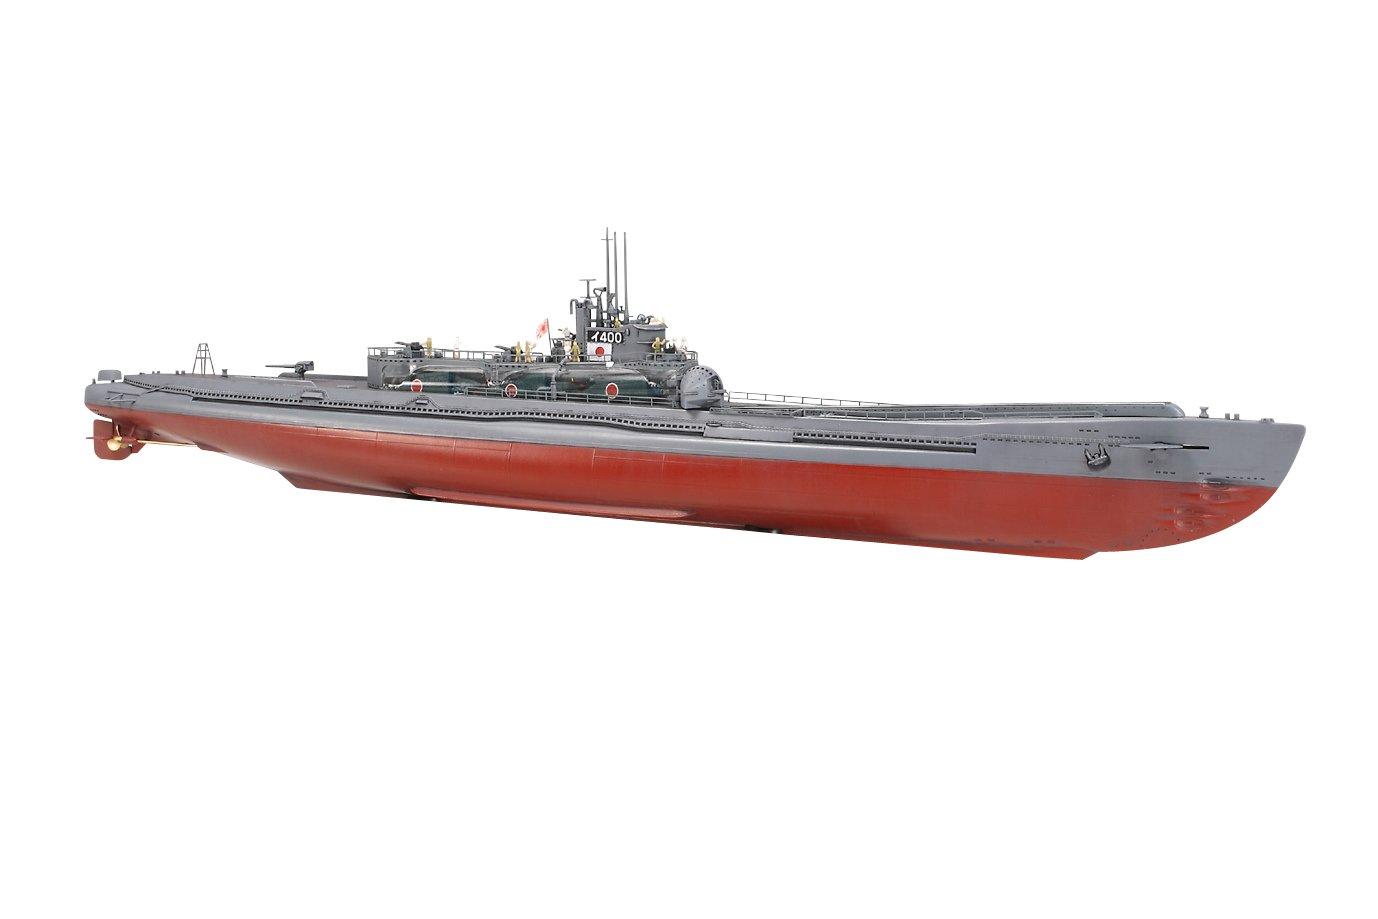 タミヤ スケール限定商品 1/350 日本海軍 特型潜水艦 伊-400 スペシャルエディション 89776 B001E43UQW